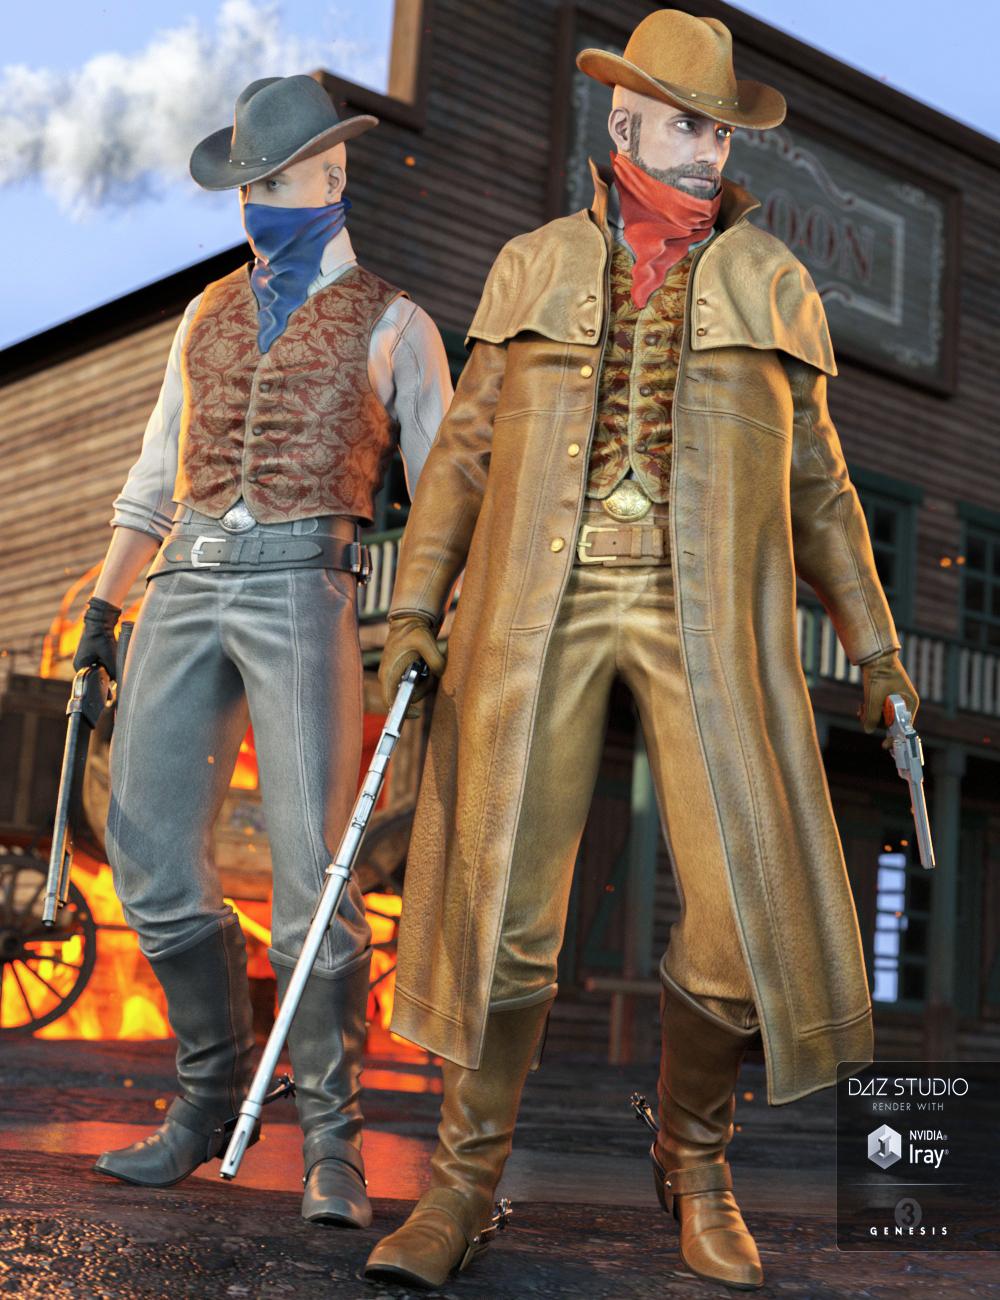 Western Outlaw 2.0 for Genesis 3 Male(s) by: Yura, 3D Models by Daz 3D